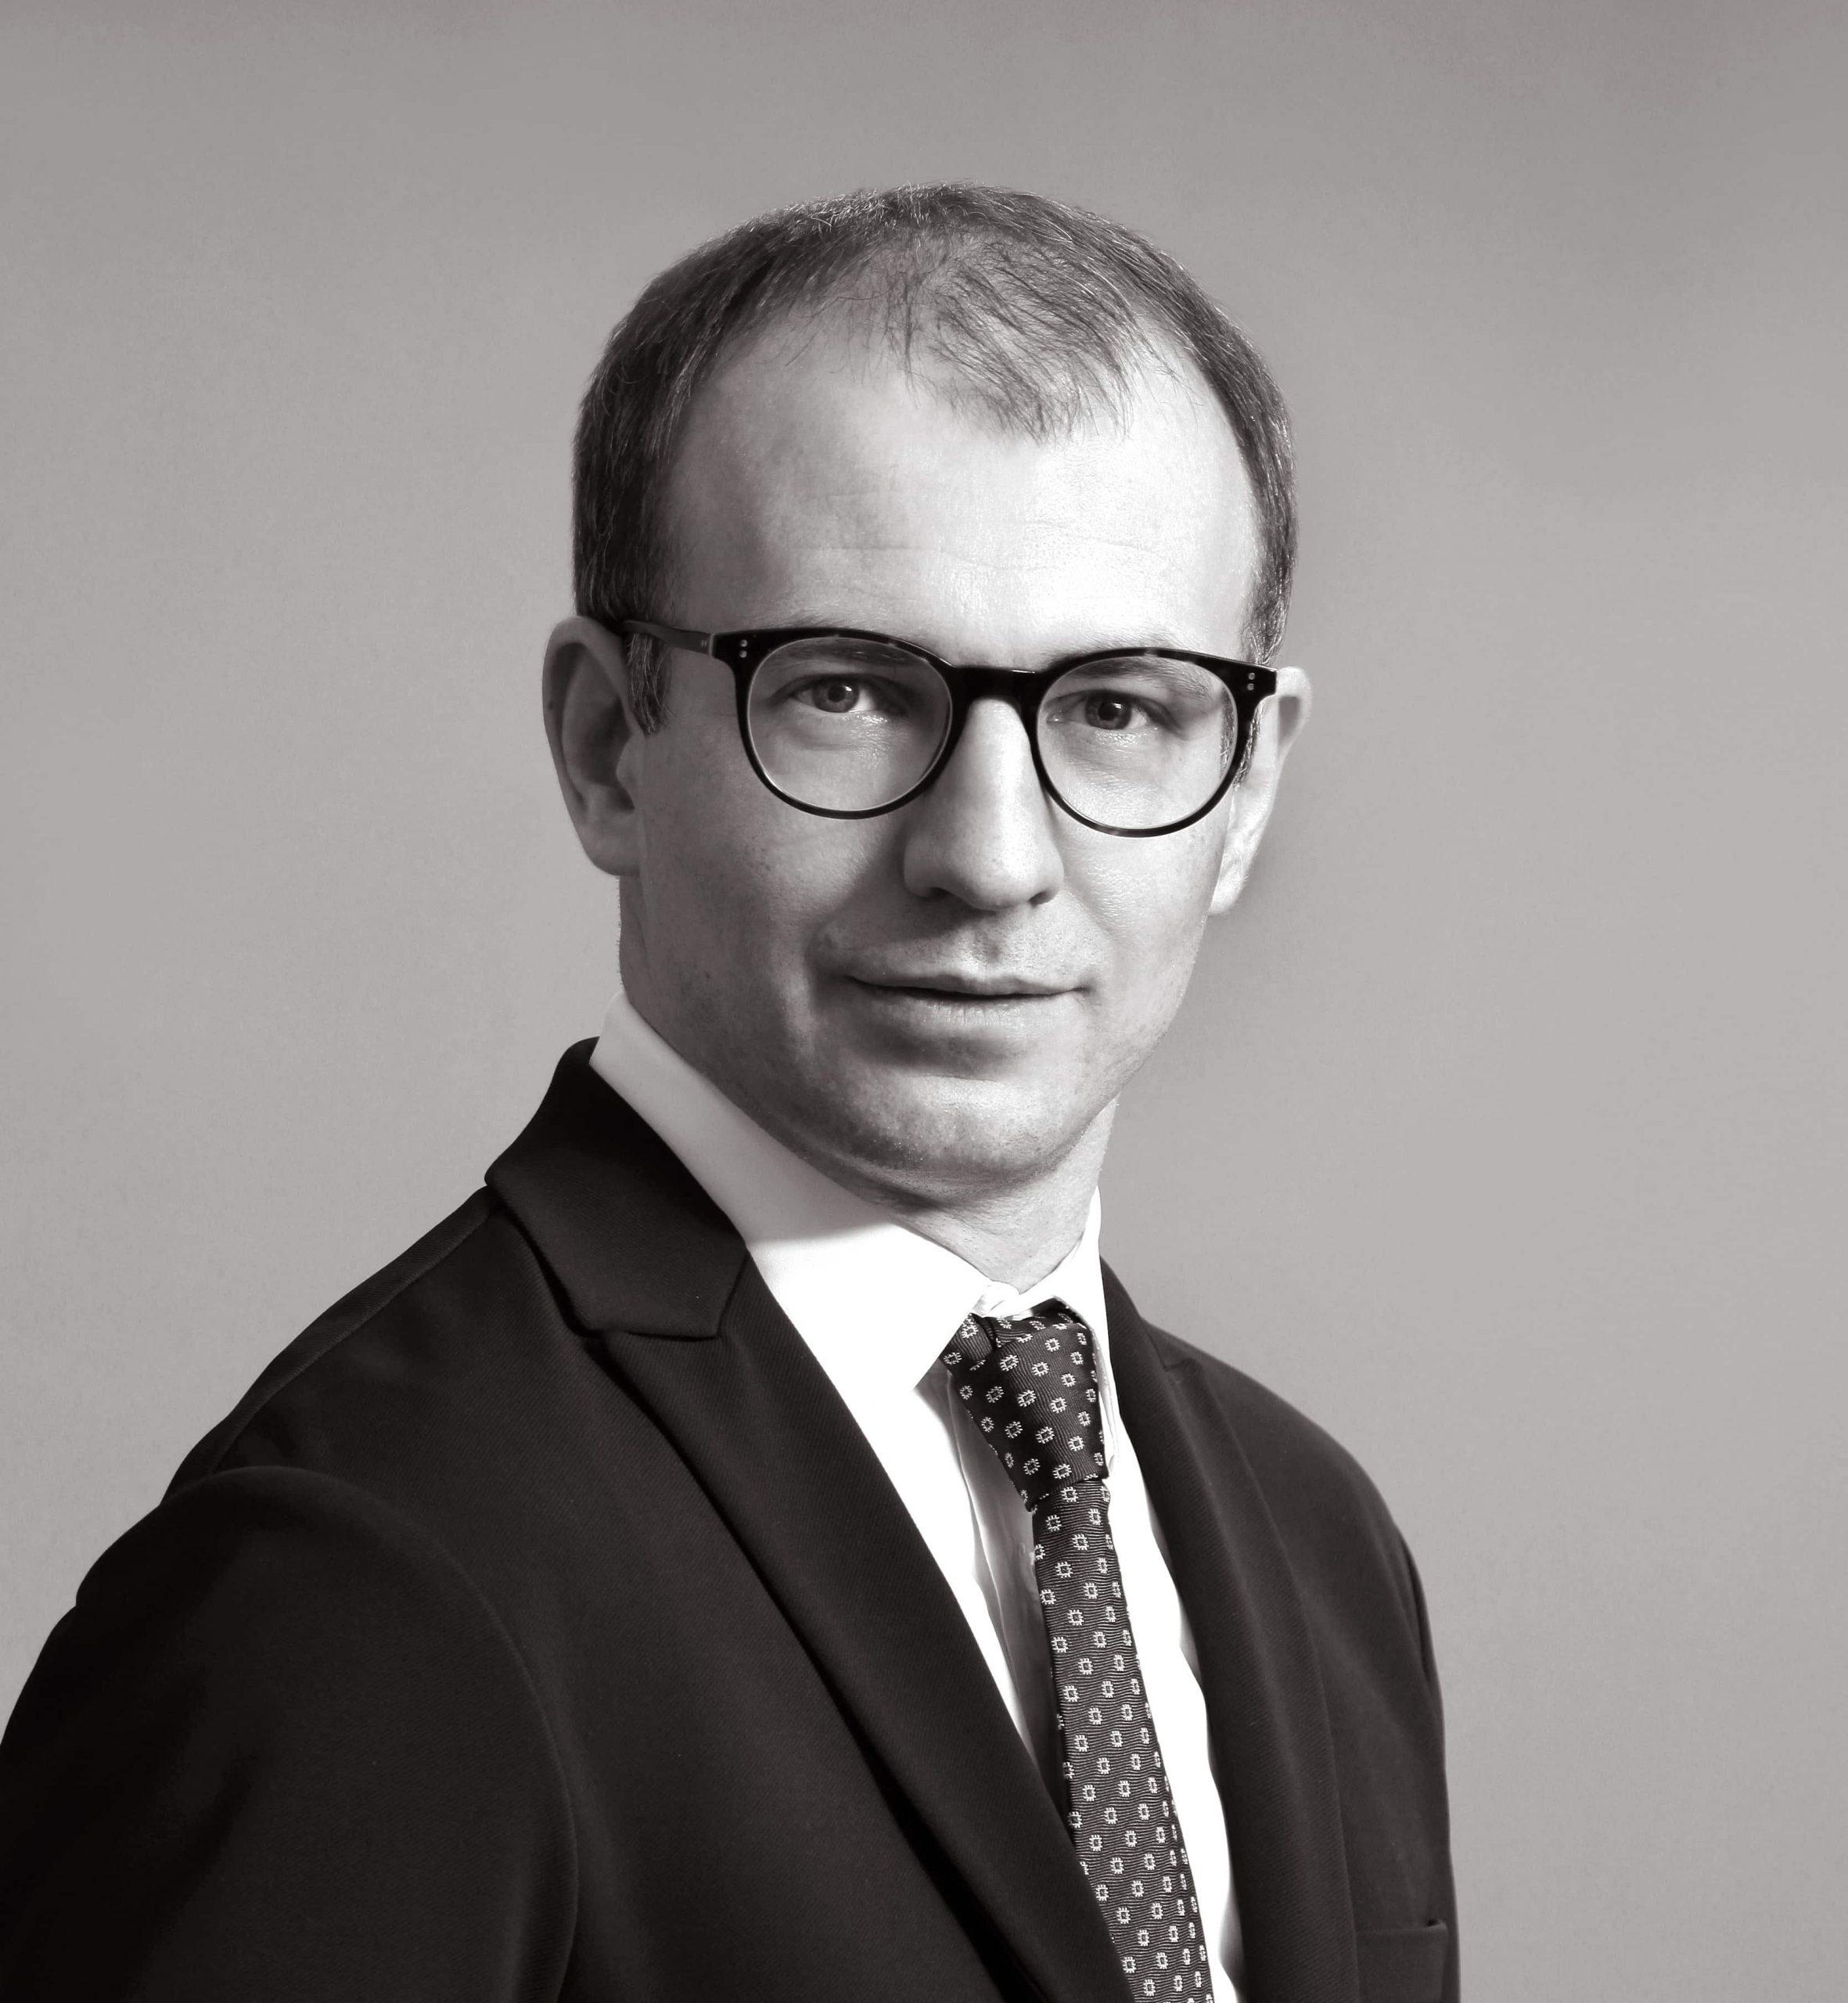 Justinas Basalykas